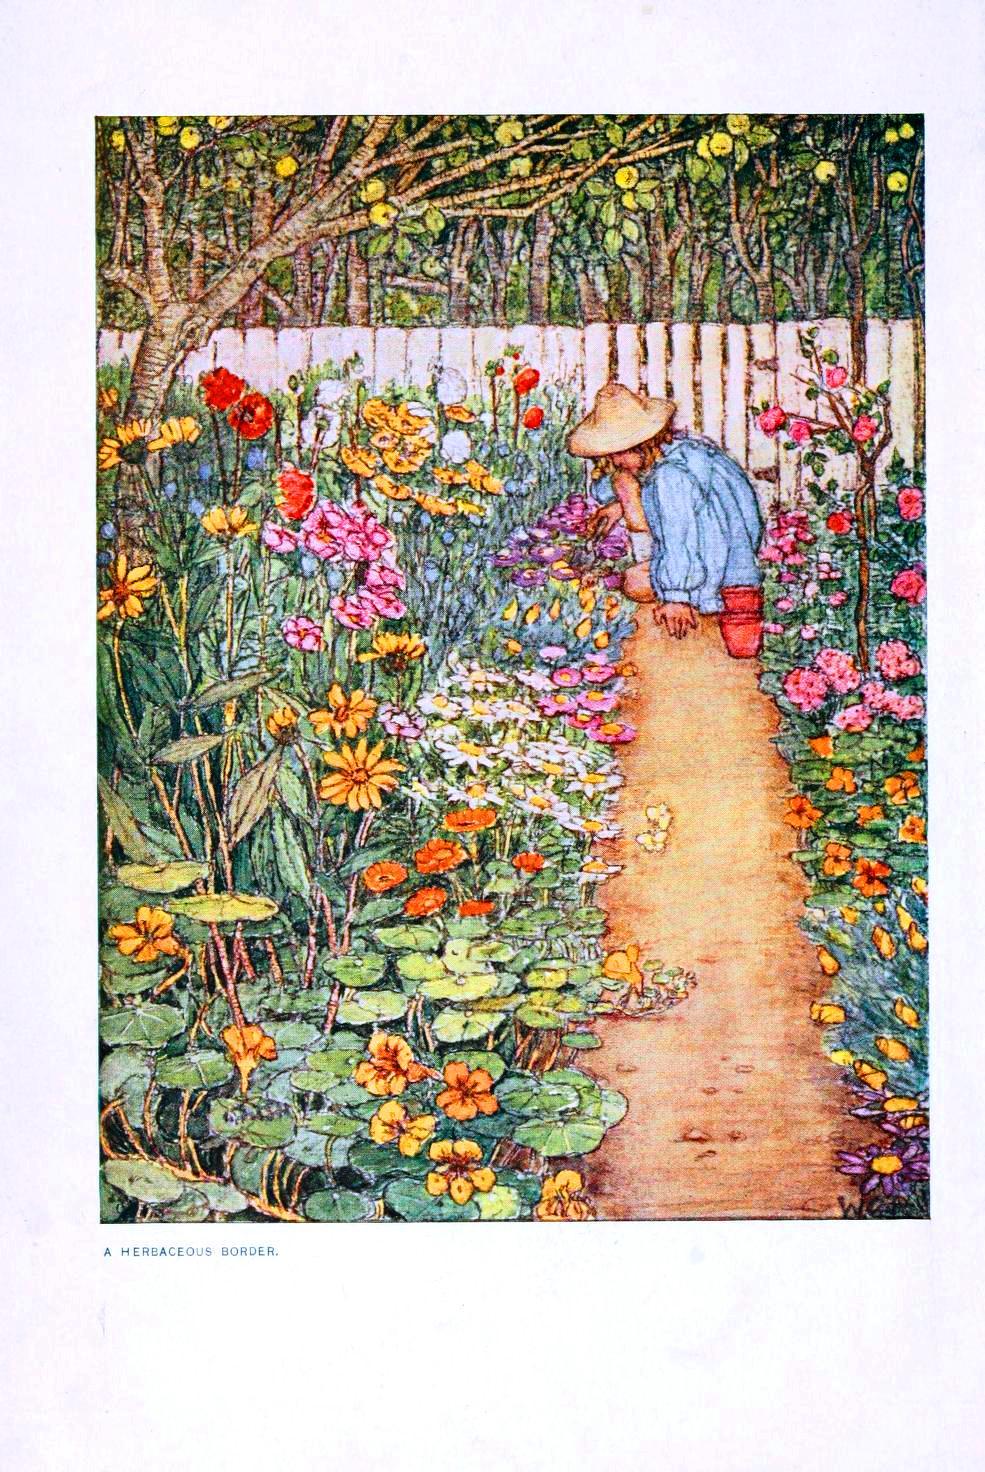 Public domain illustration for kids.  Flowers in the garden